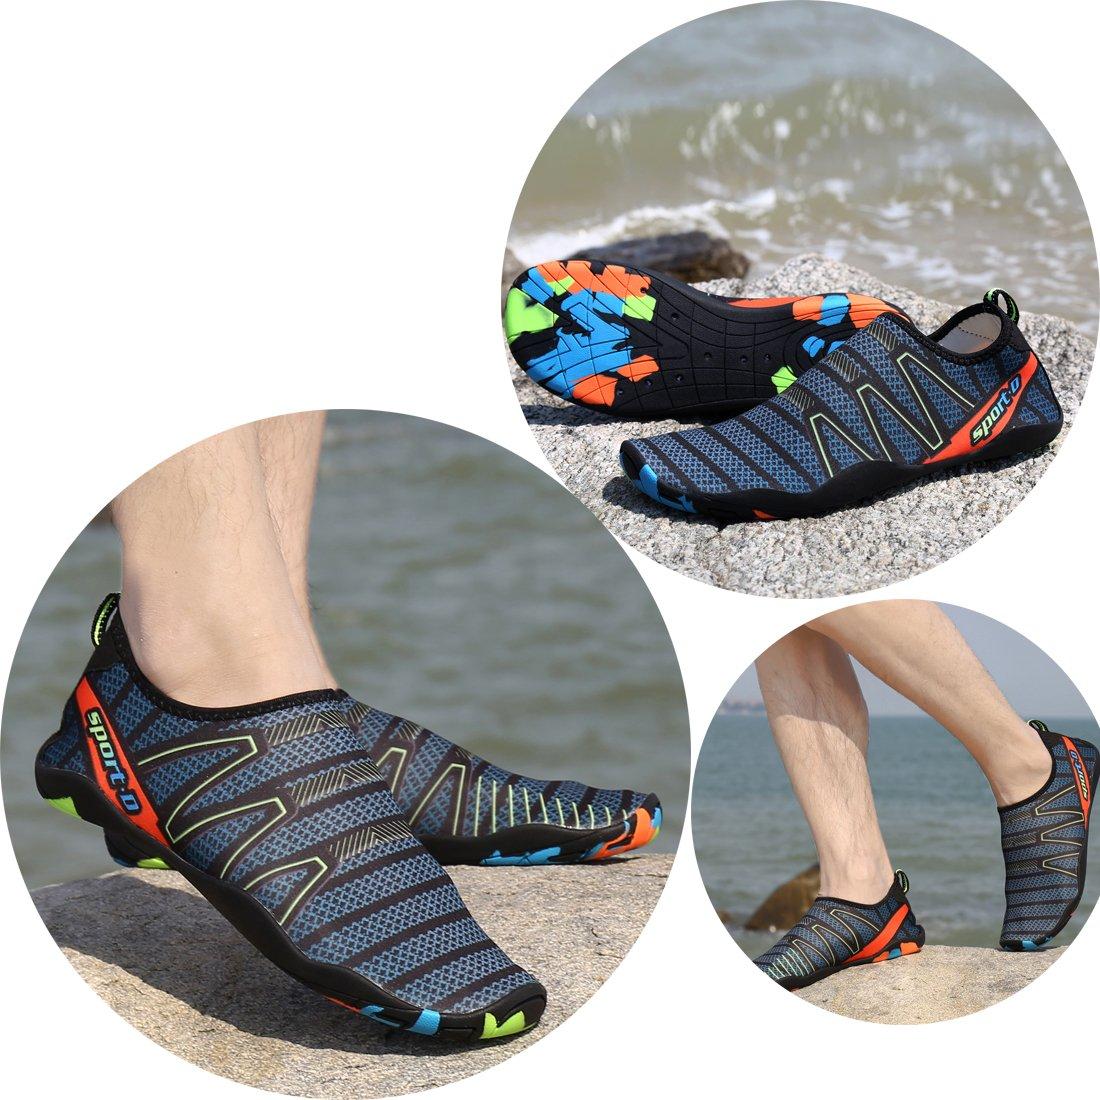 Zapatos de agua Kuuland Secado rápido descalzo Aqua Socks Beach Swim Pool  Surf Zapatos para nadar Buceo caminando Yoga Hombres Mujeres Verde e51733fd283